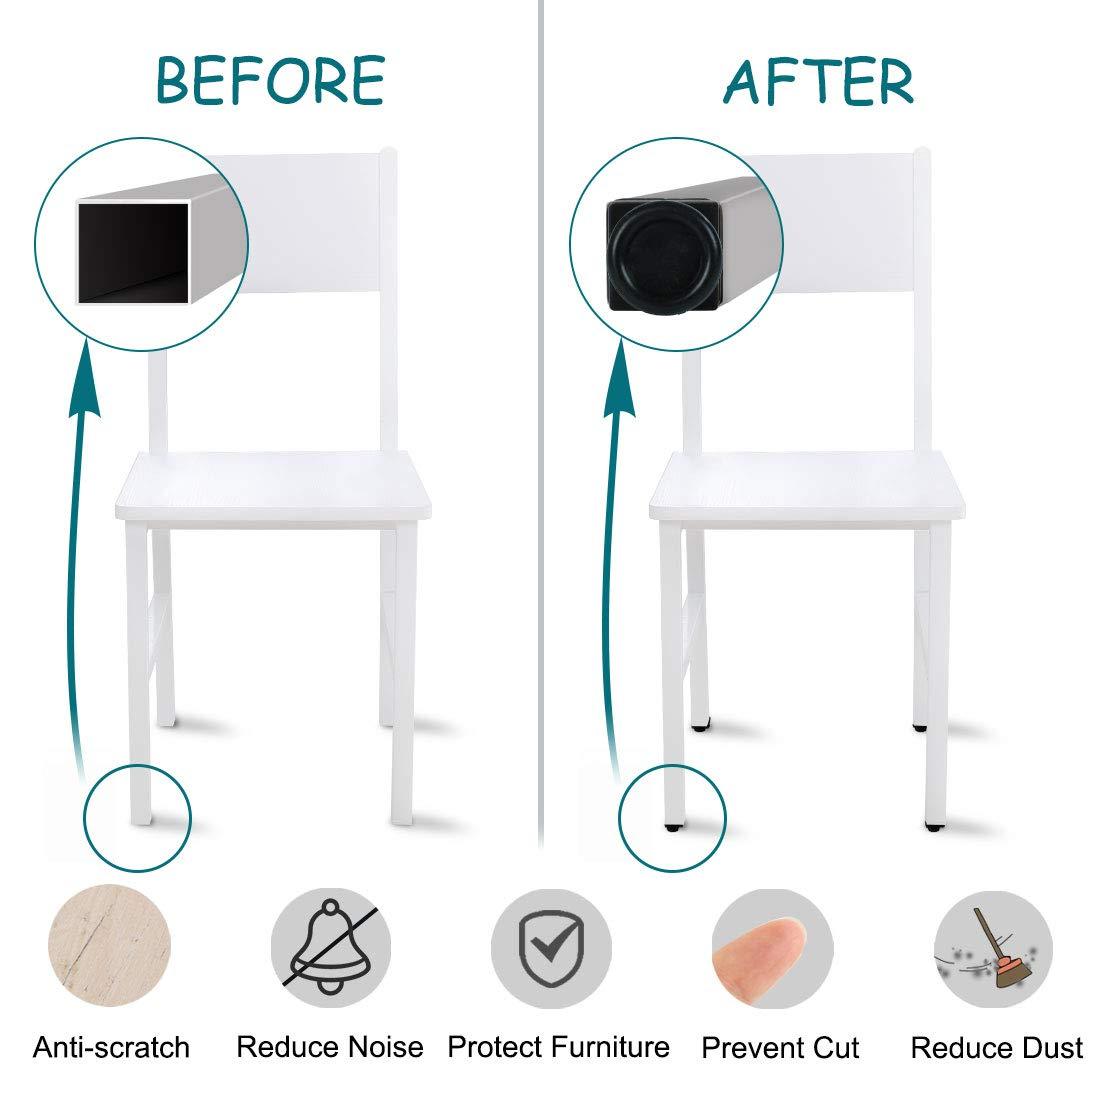 sourcingmap Leveling Feet 40 x 40mm Square Tube Inserts Kit Furniture Glide Adjustable Leveler for Table Desk Cabinet Leg 8 Sets